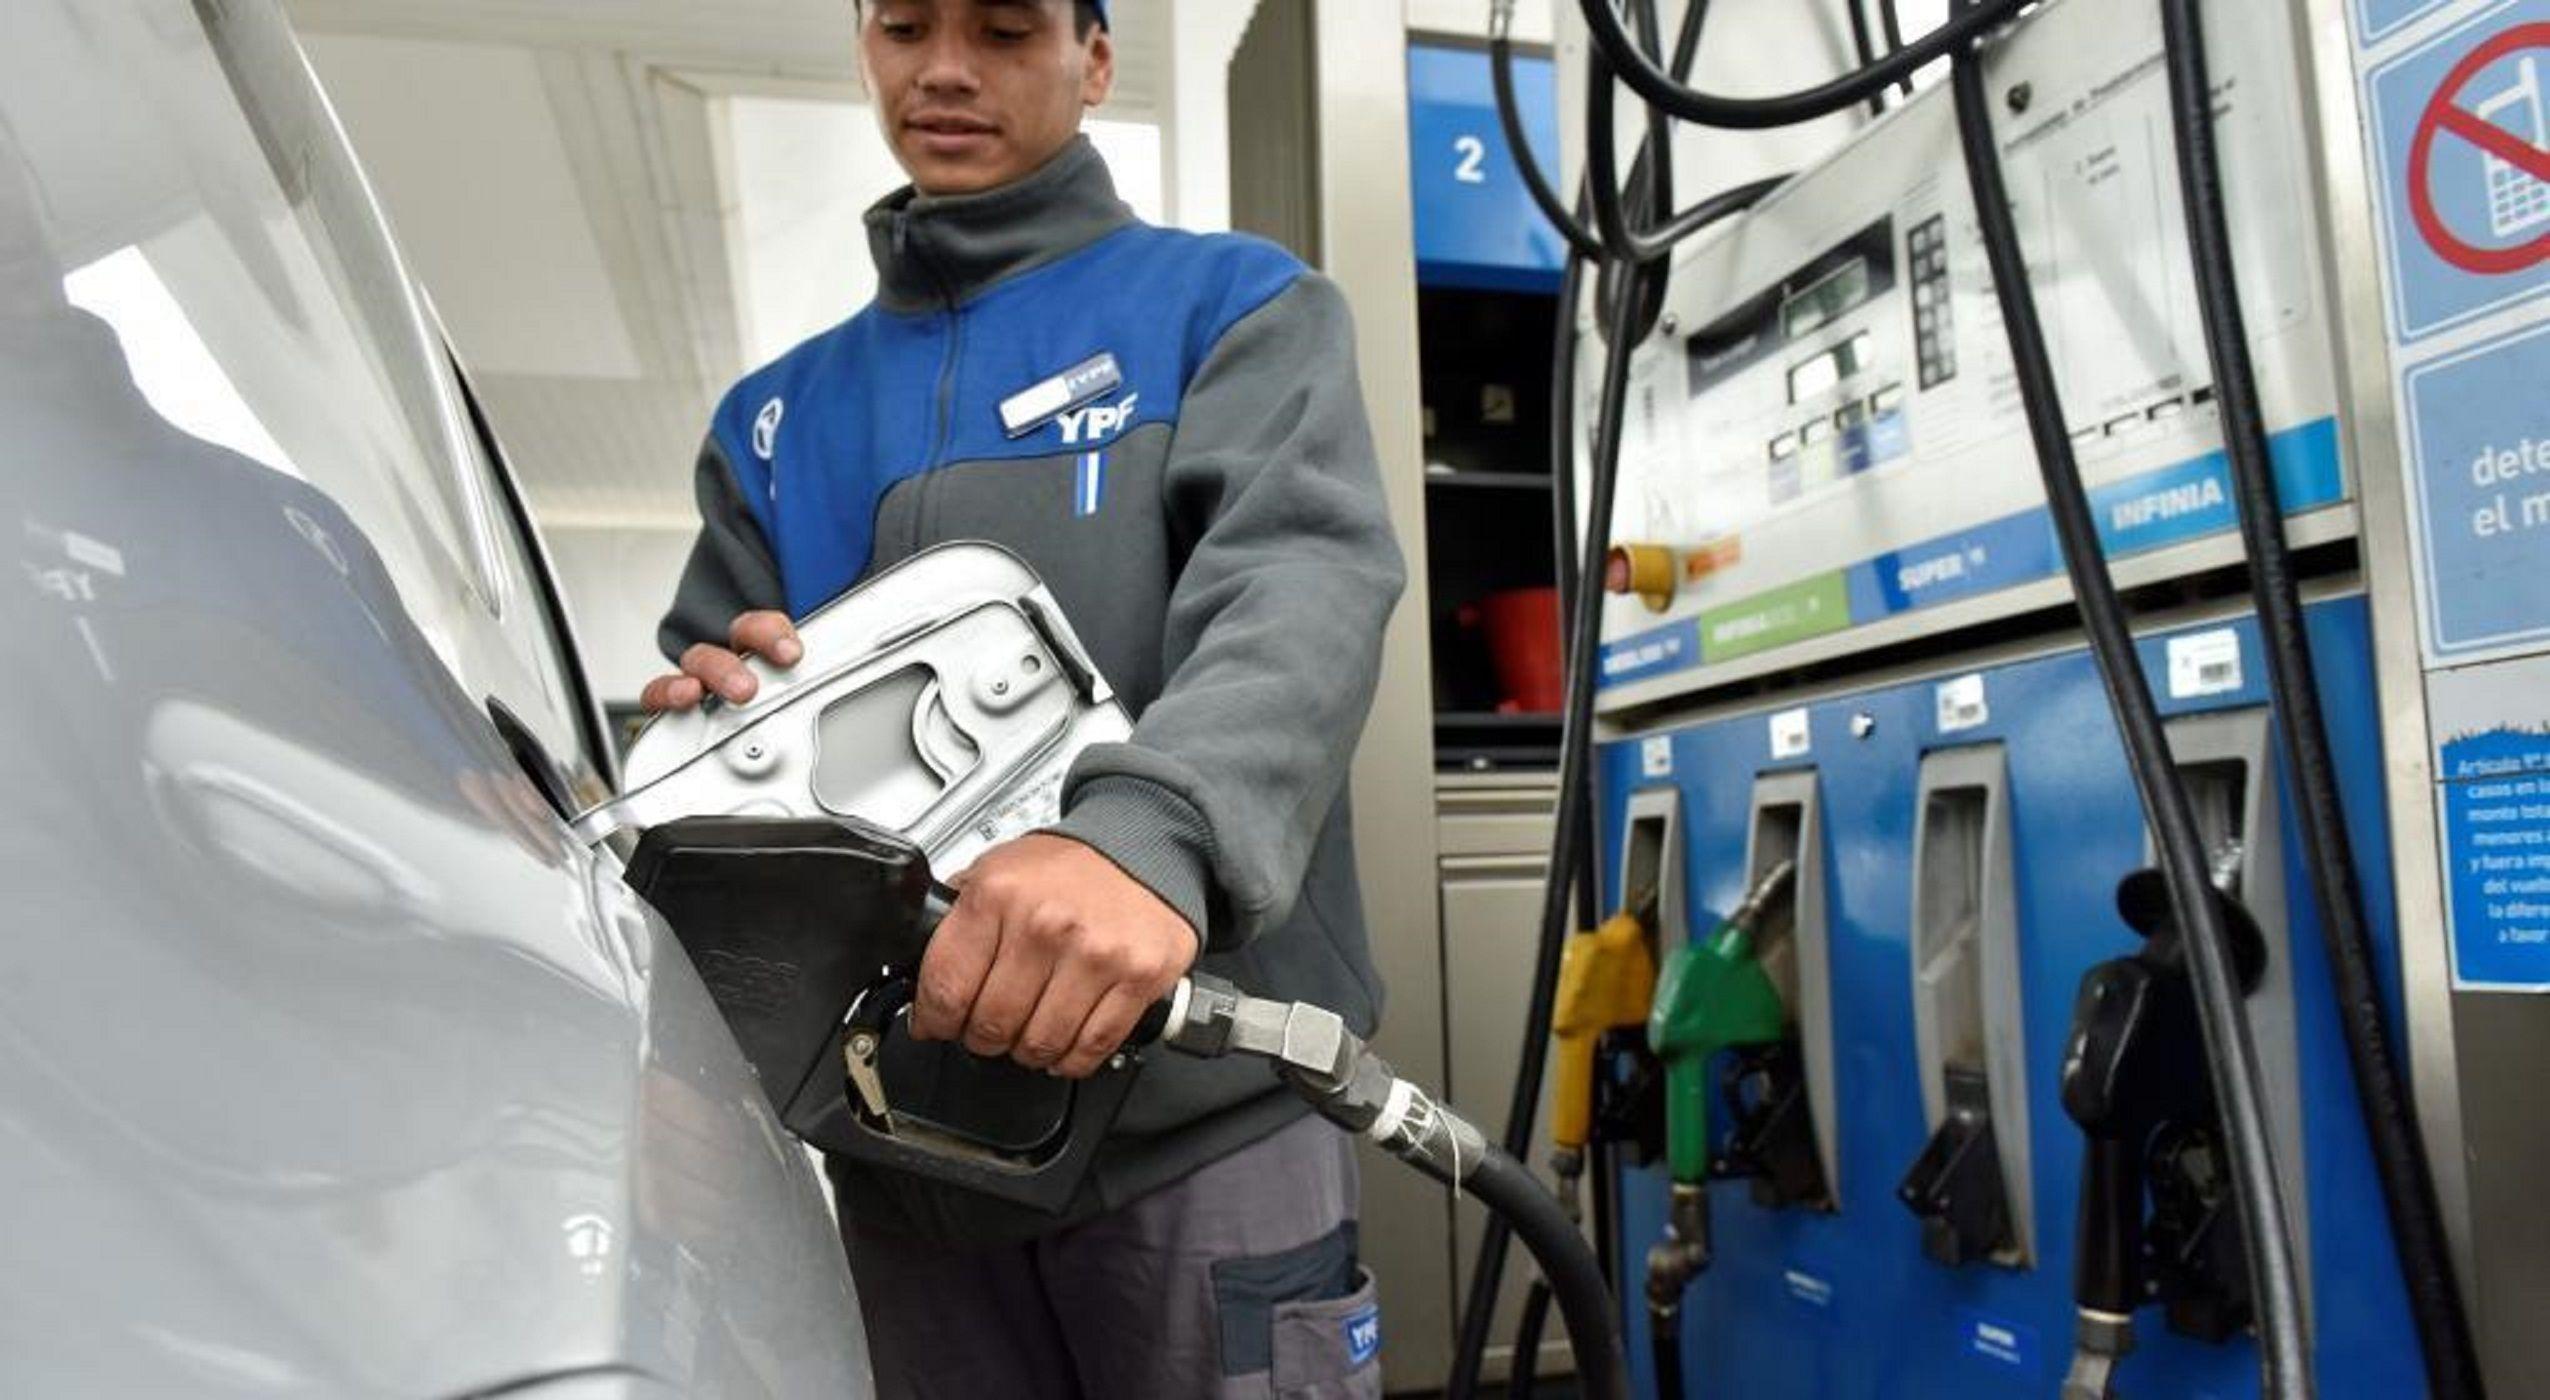 El viernes aumenta la nafta: subirán al menos un 2,5%